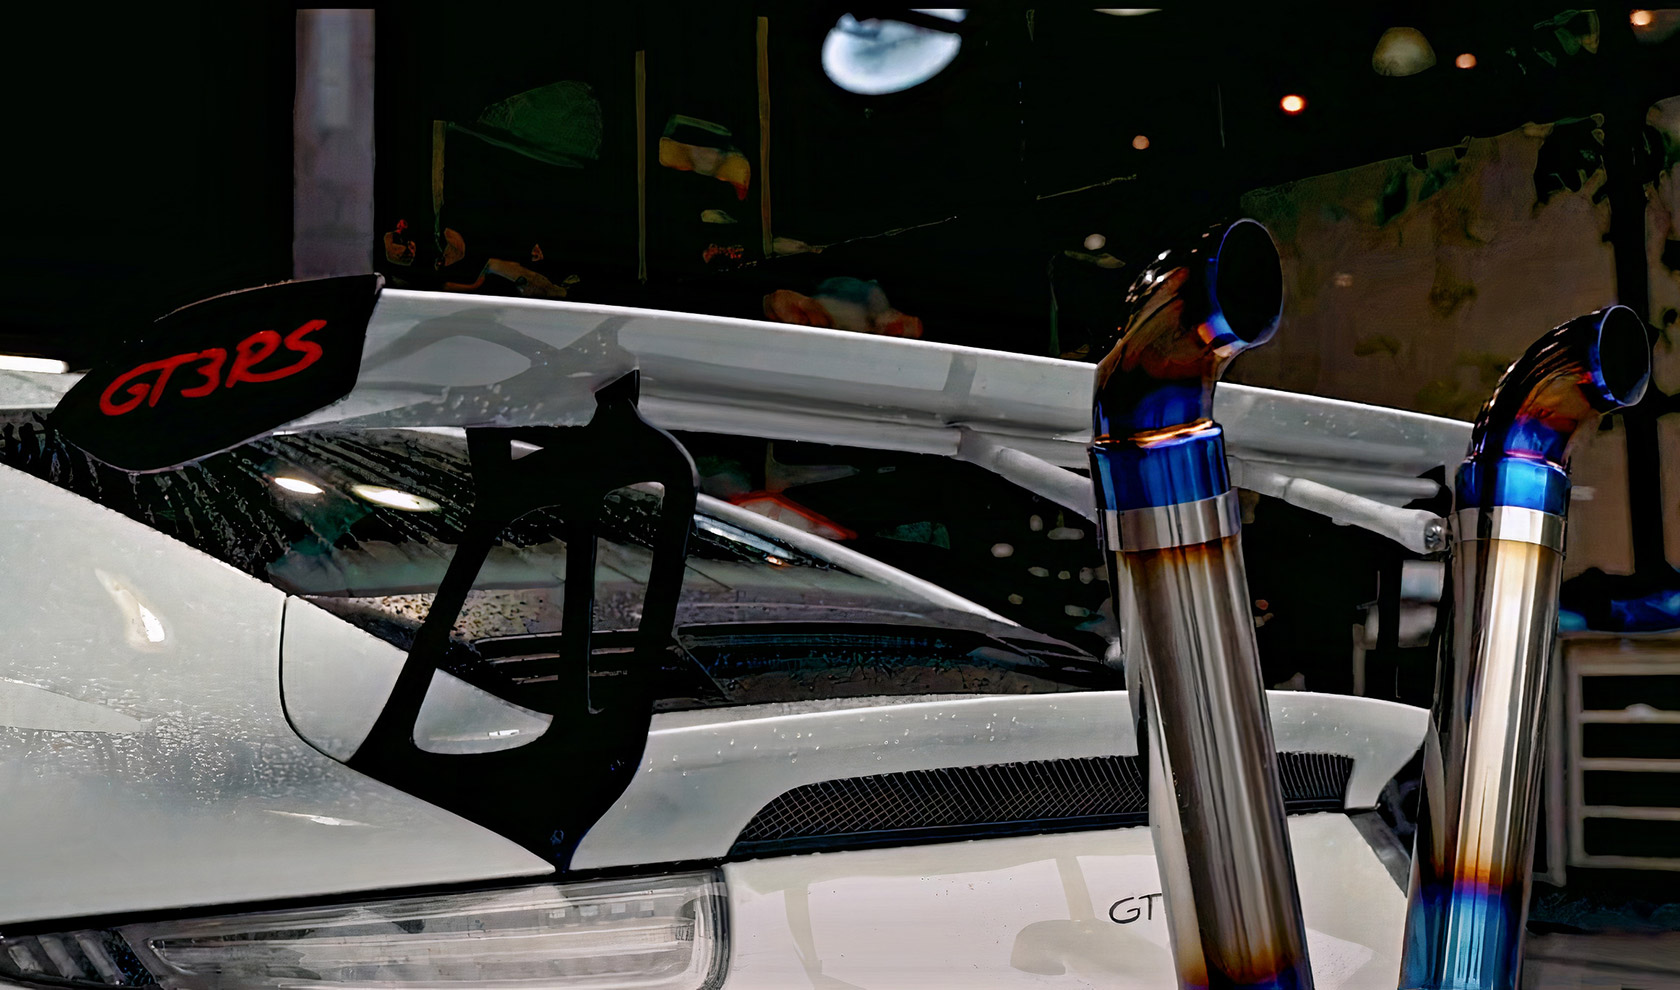 El Porsche 911 GT3 RS modificado posiblemente podría tener el sistema de escape estilo Bōsōzoku más diferente hasta ahora